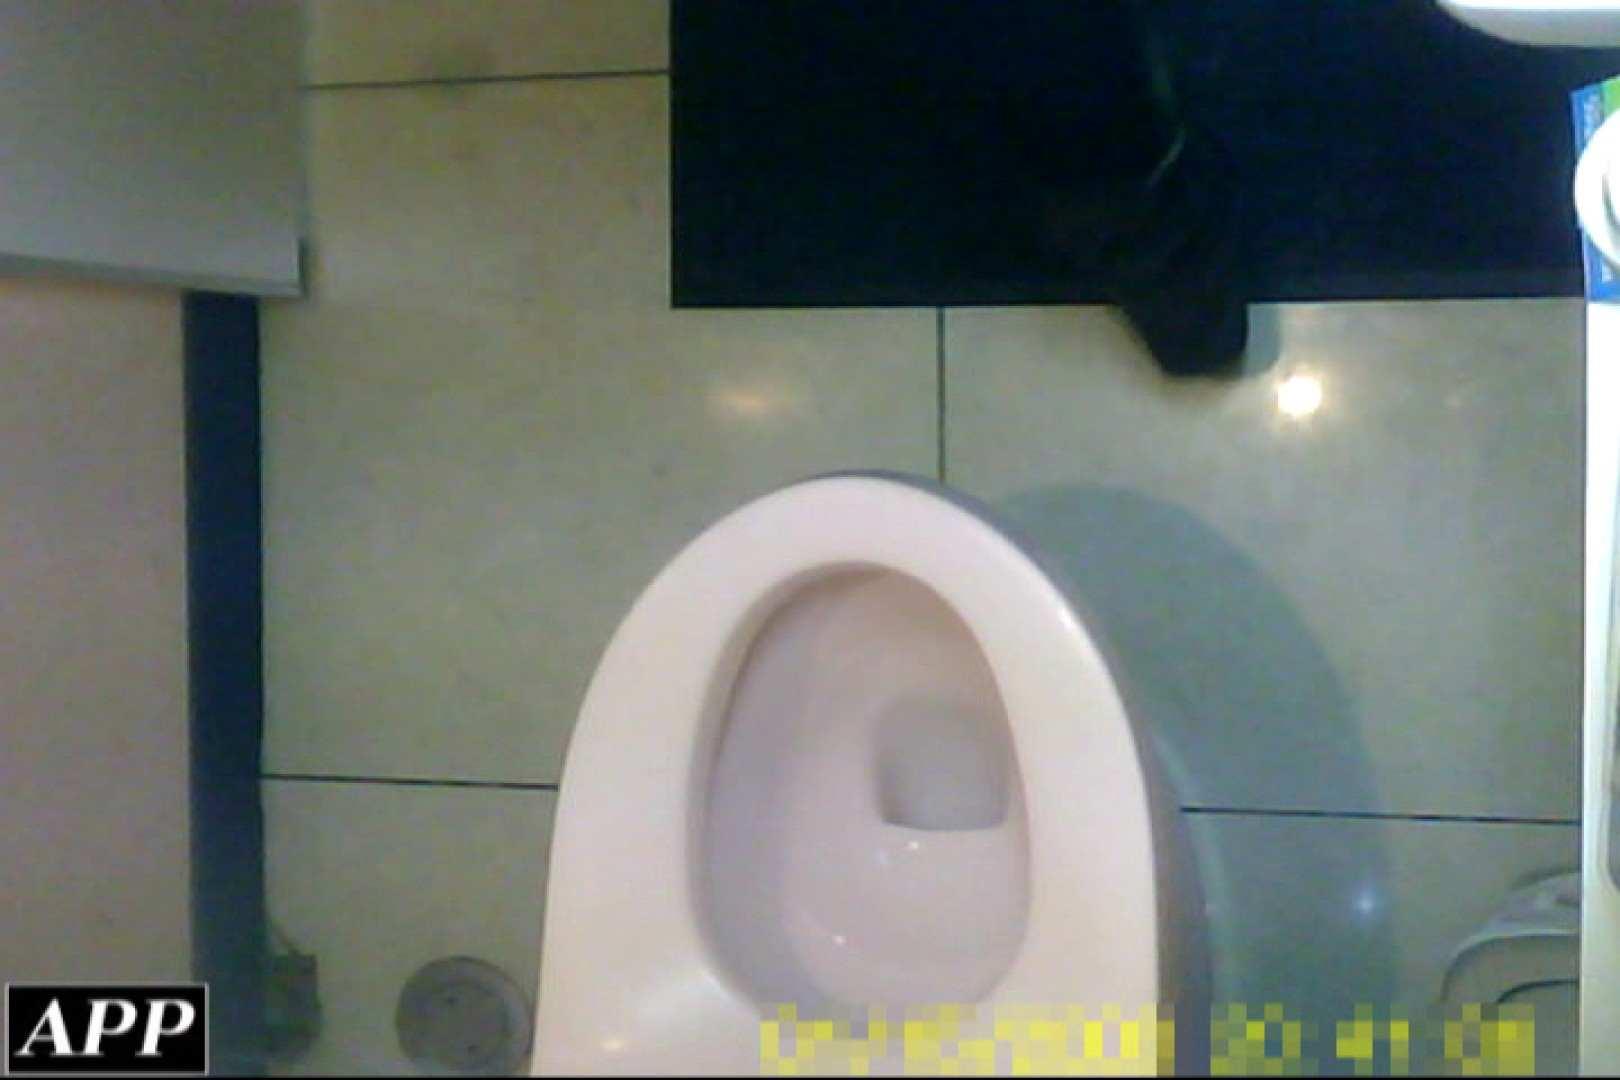 3視点洗面所 vol.068 OLエロ画像 | 洗面所  78PICs 61